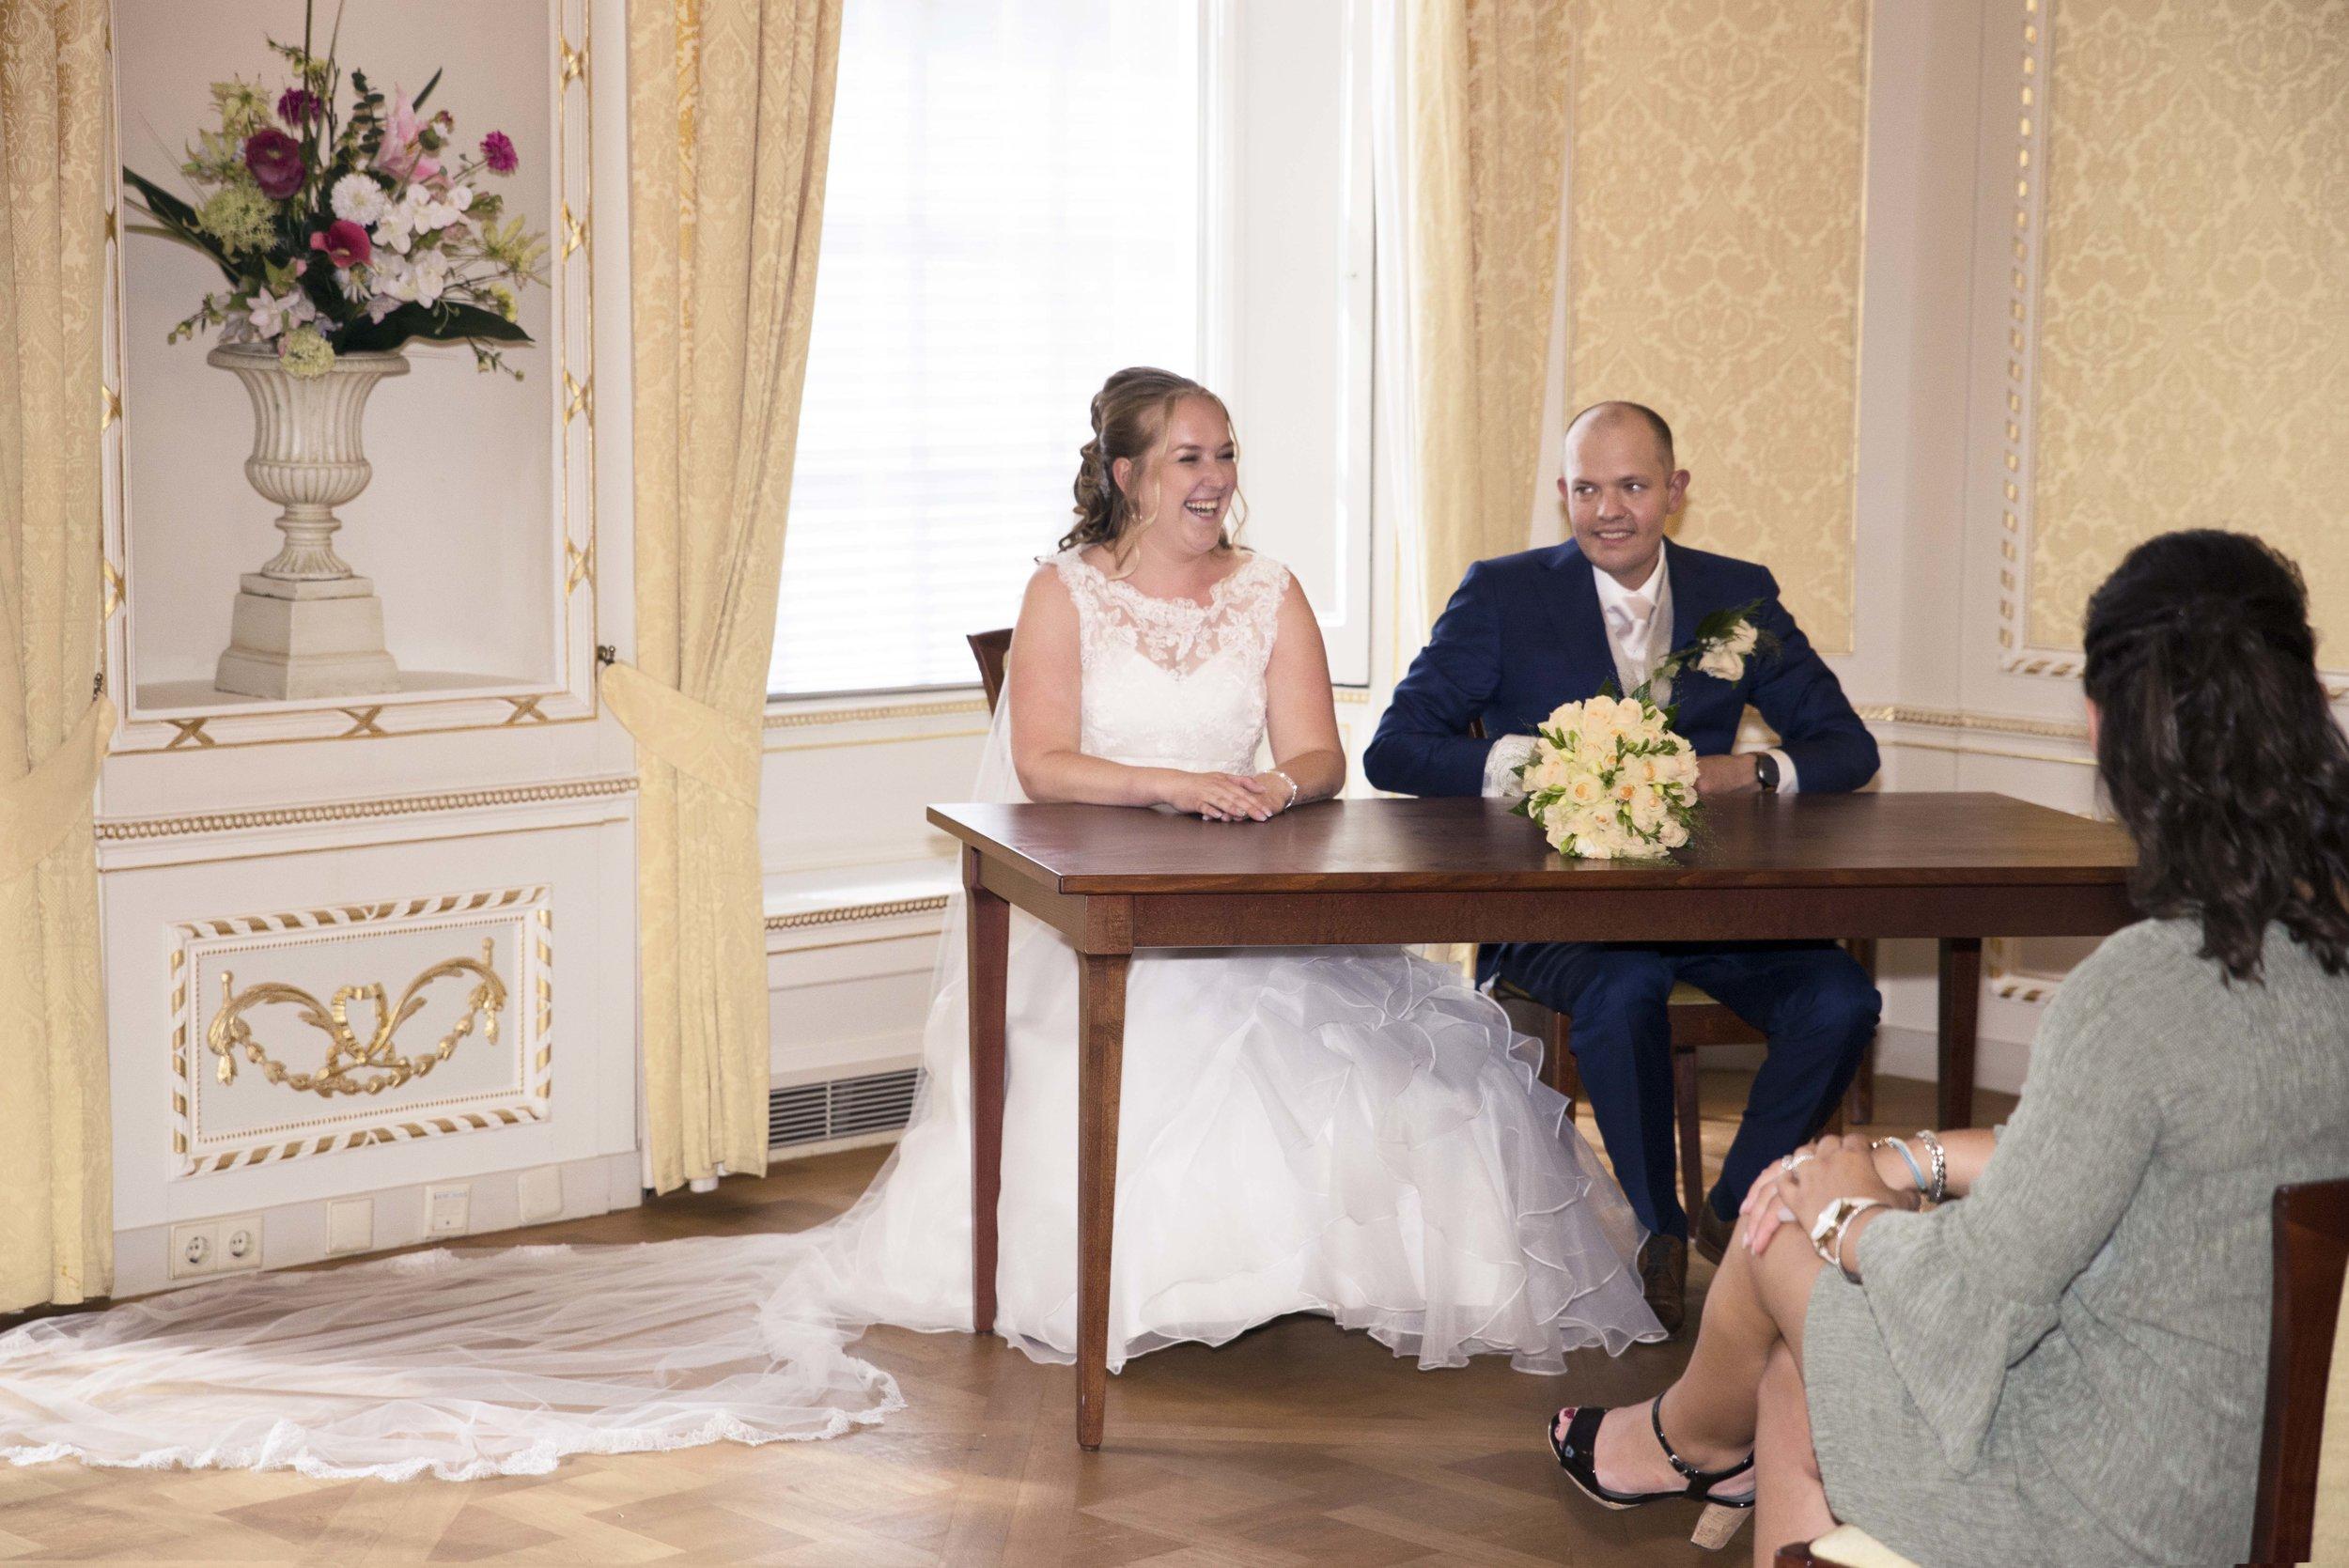 trouwen stadhuis amersfoort trouwfoto's ceremonie